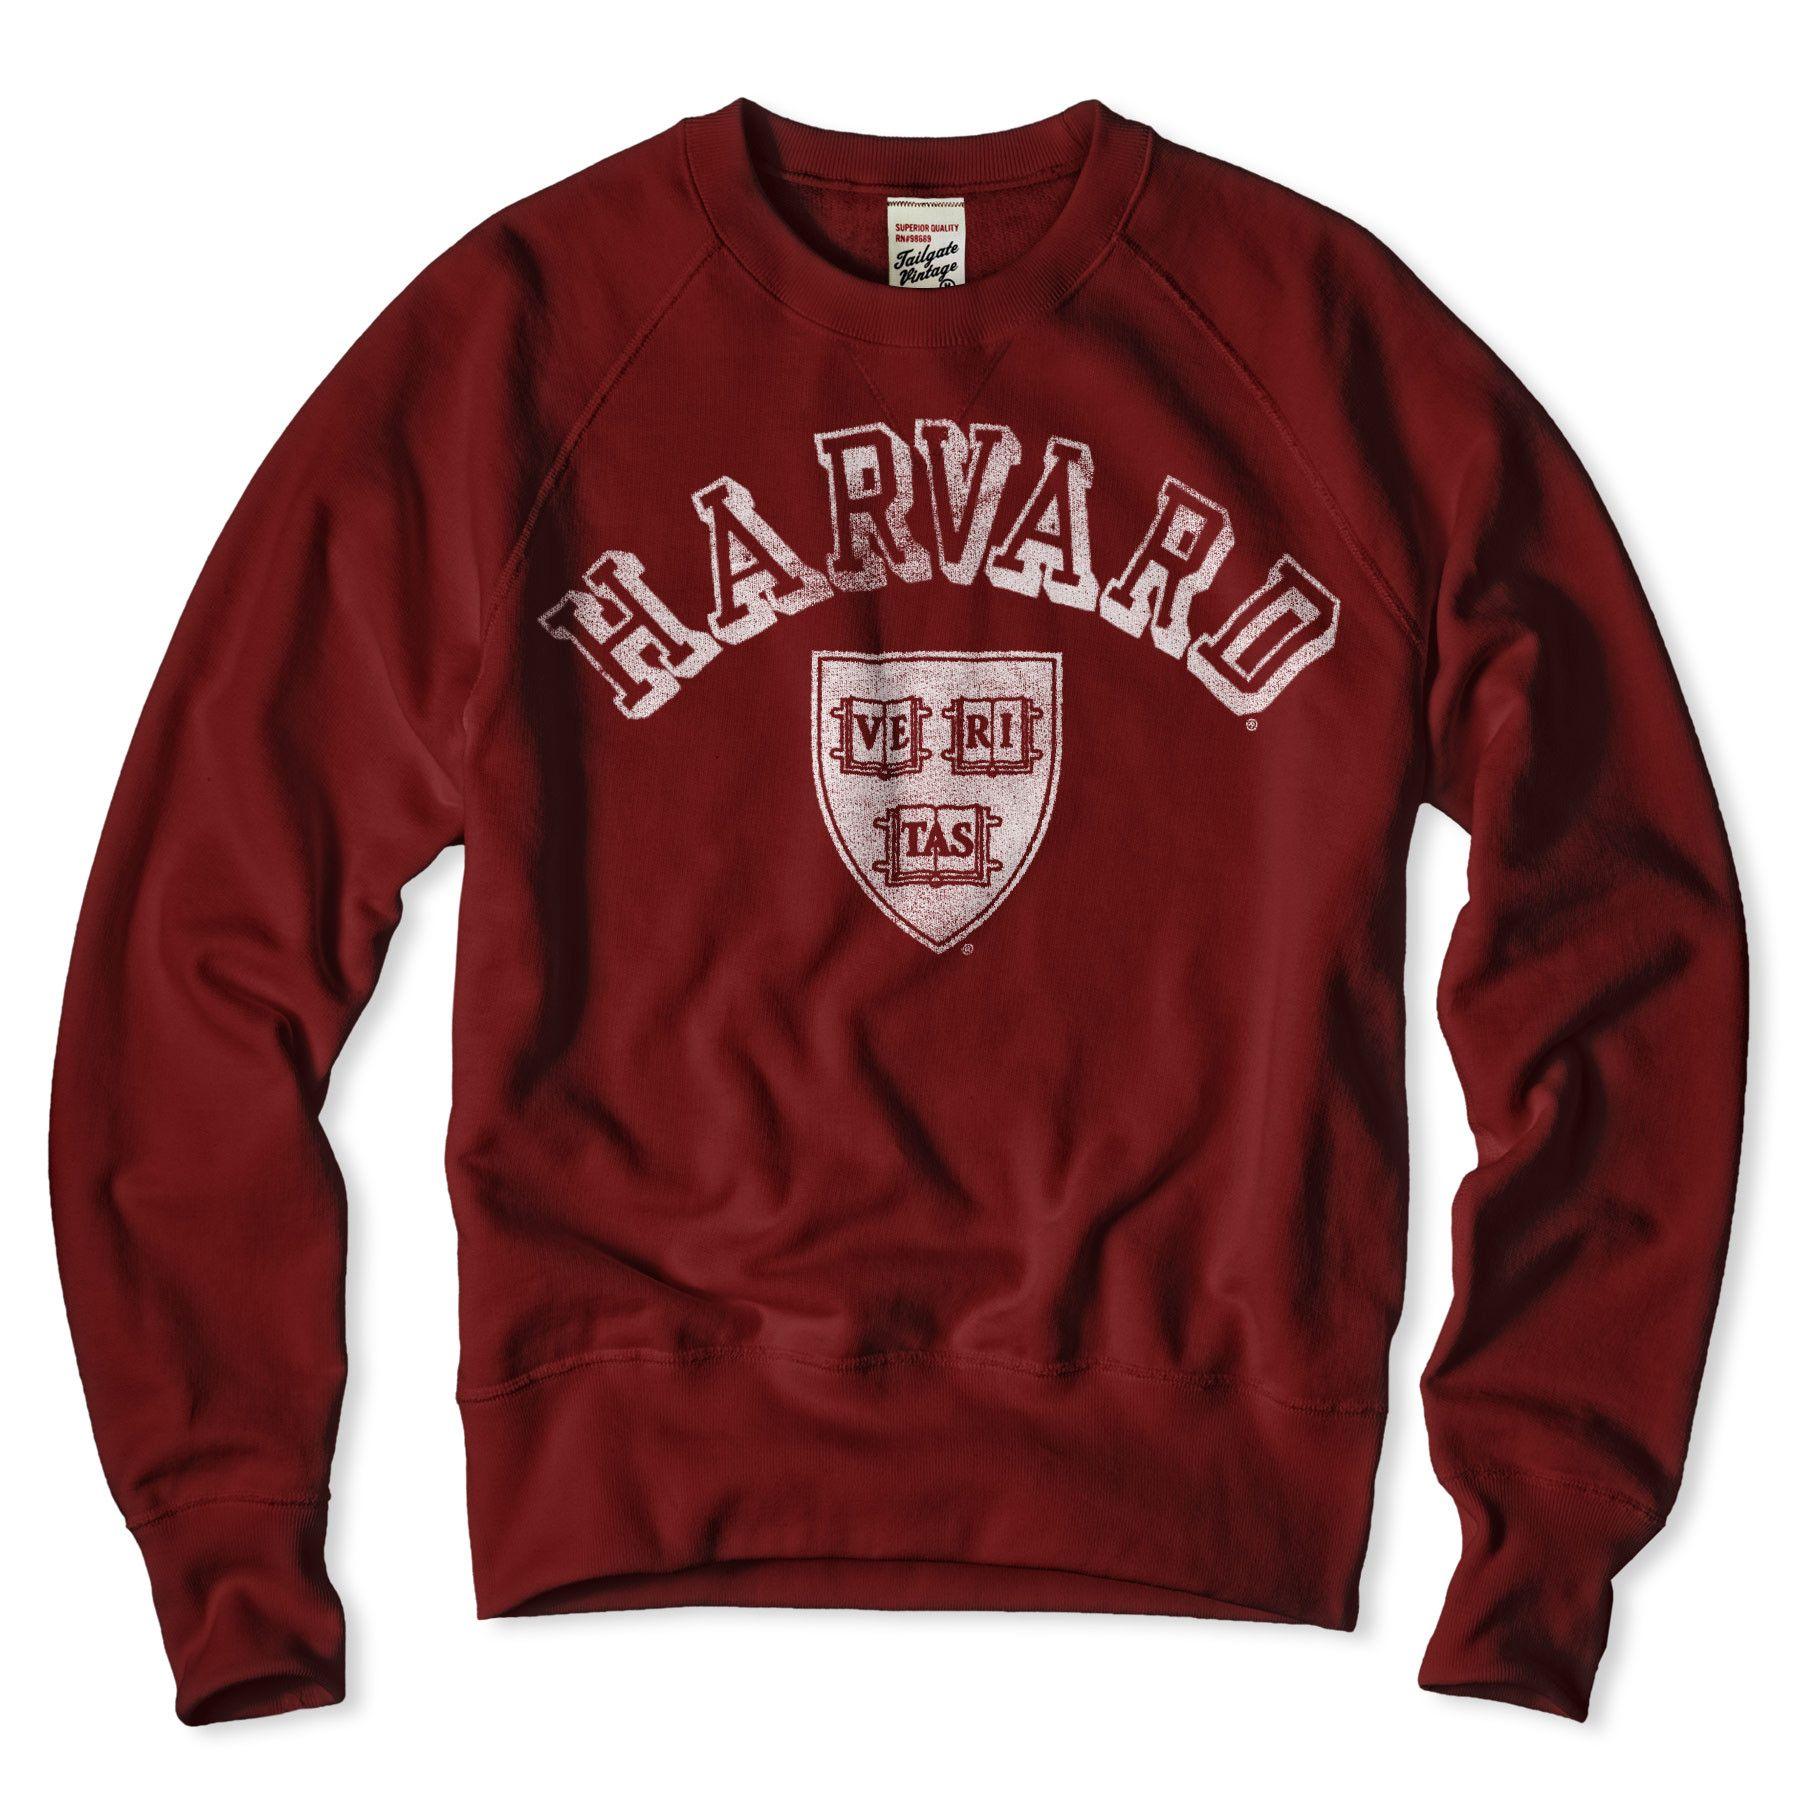 Harvard Crewneck Sweatshirt Alabama Sweatshirt Sweatshirts Crew Neck Sweatshirt [ 1800 x 1800 Pixel ]